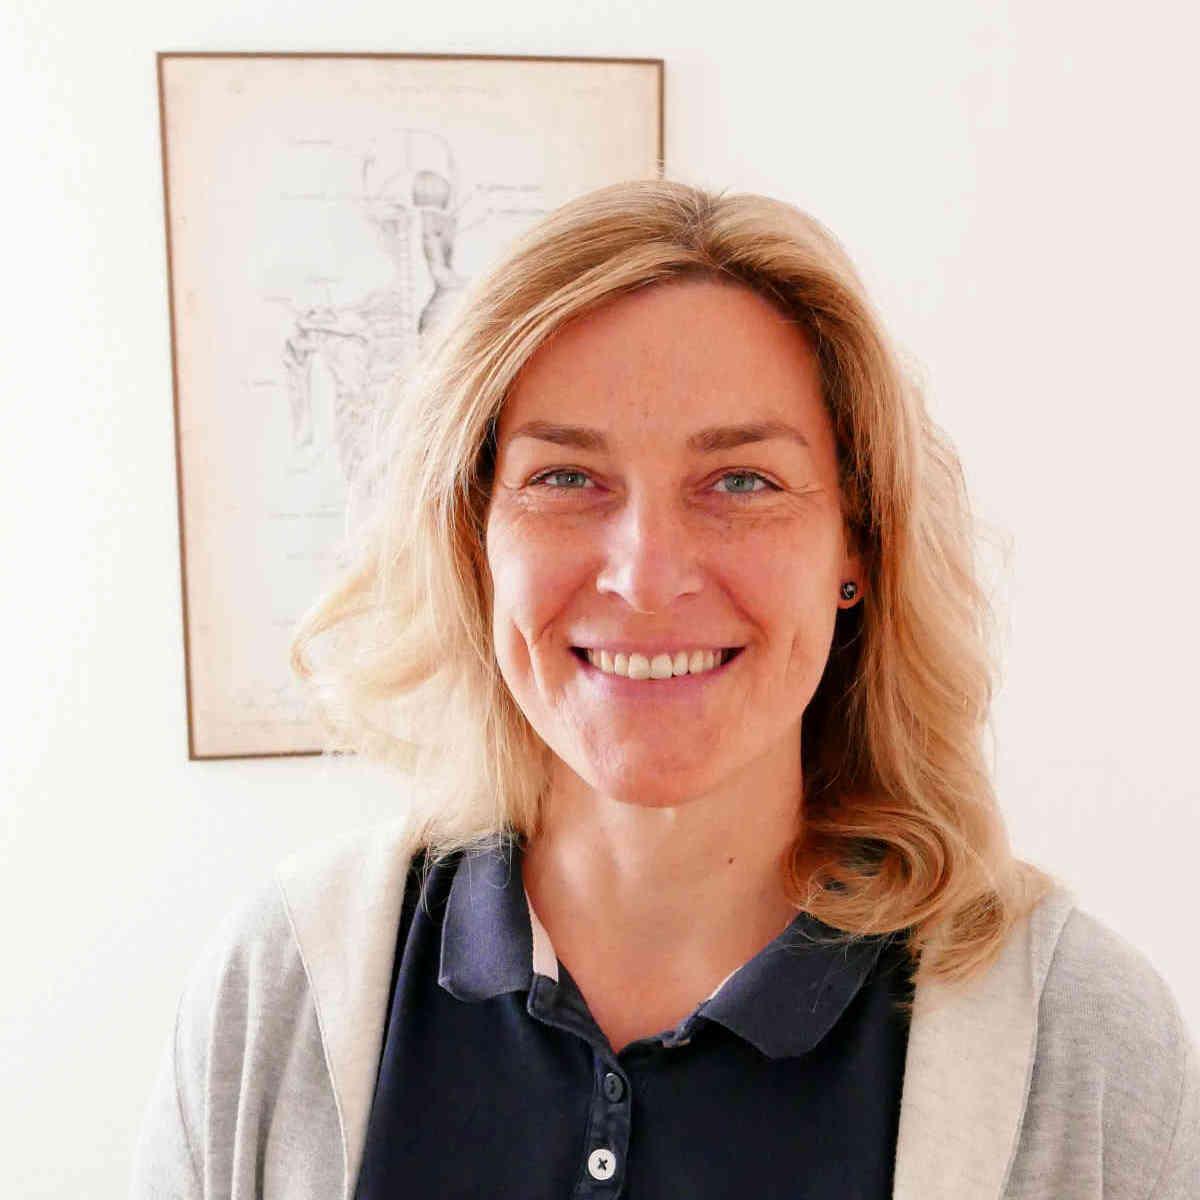 Kristina Steffen - Physiotherapeutin